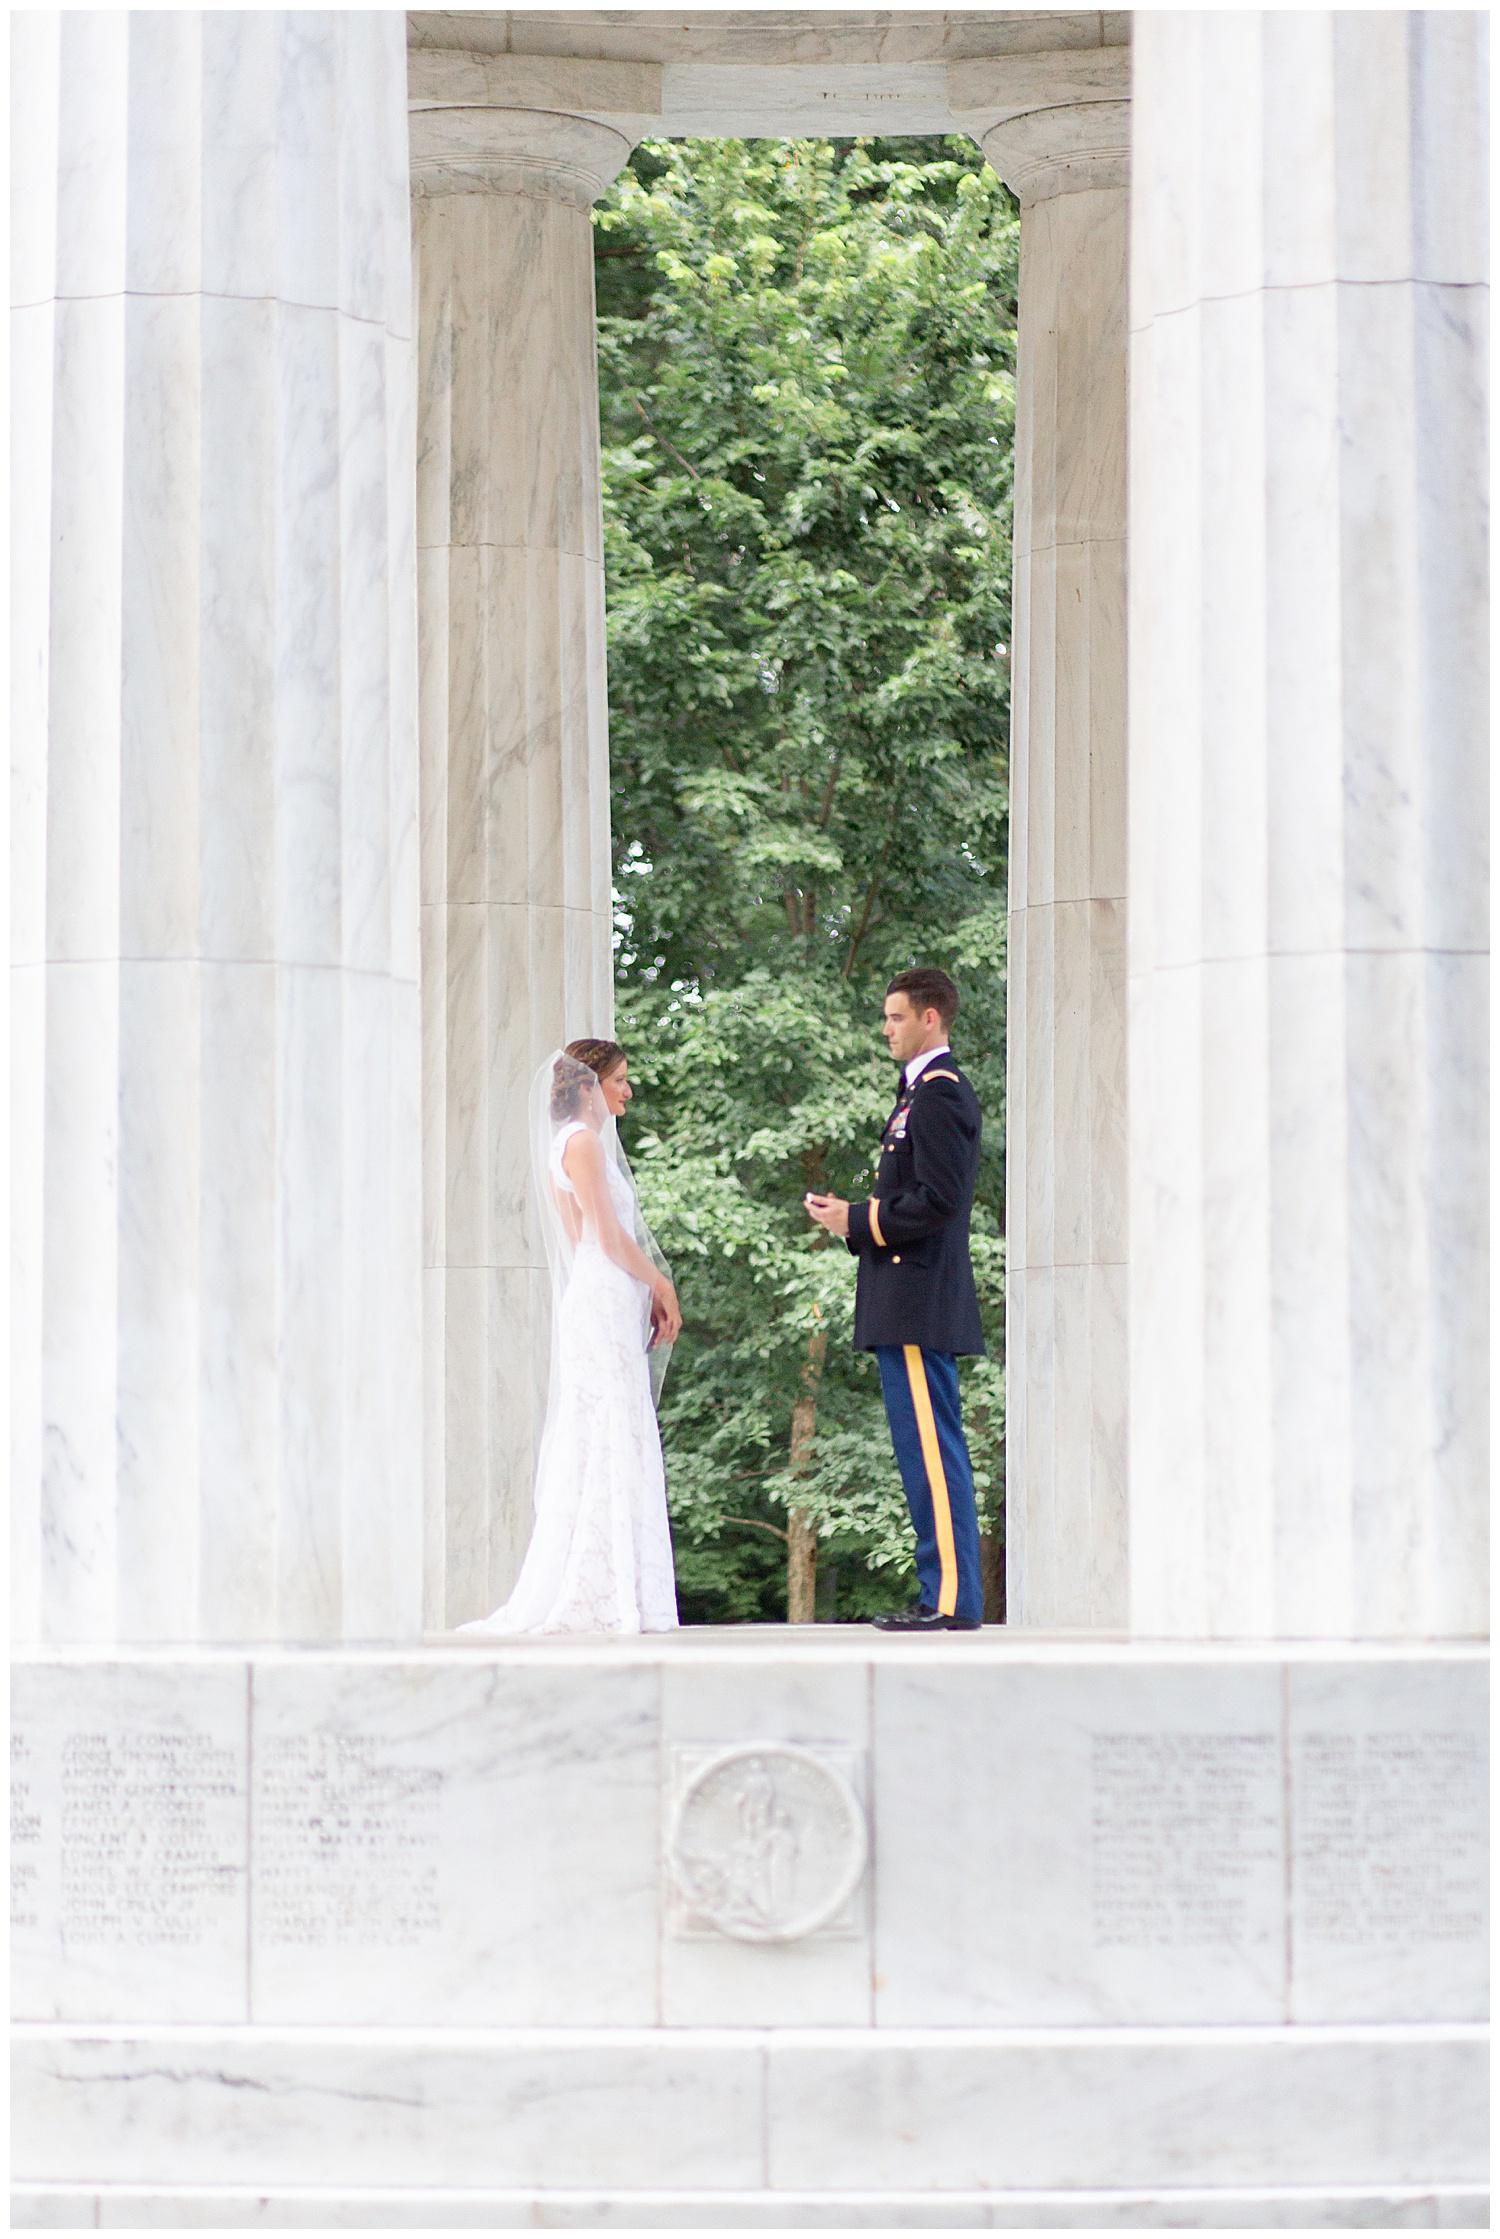 emily-belson-photography-dc-war-memorial-elopement-06.jpg